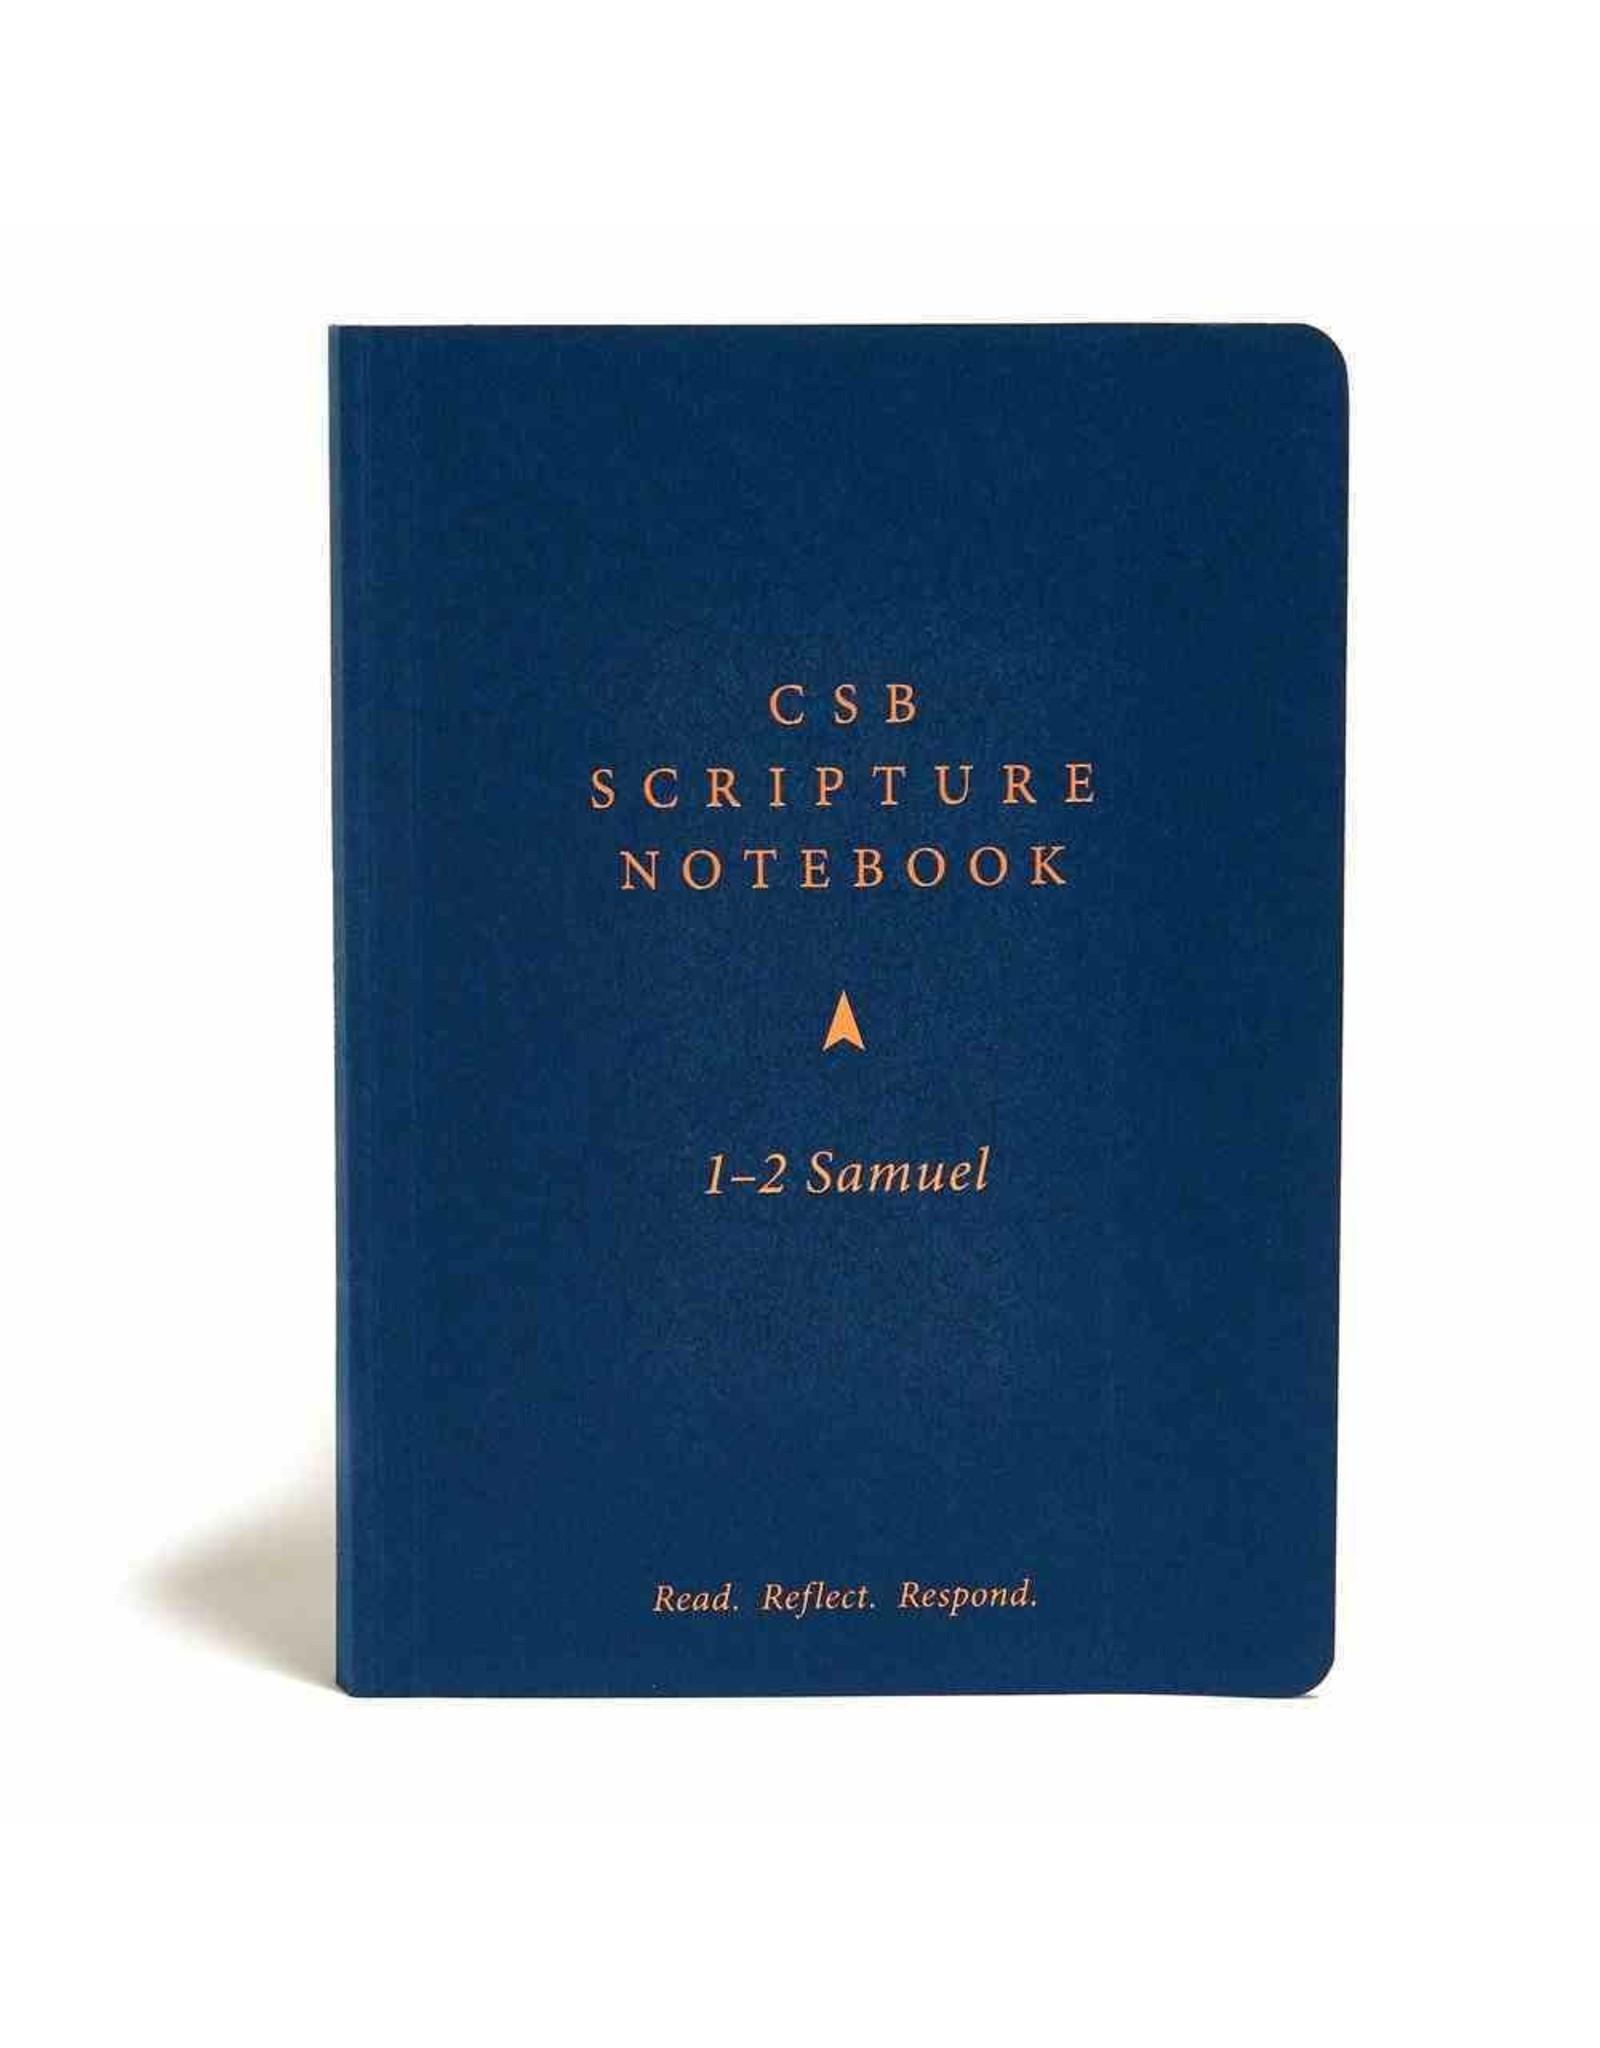 Holman CSB Scripture Notebook - 1 - 2 Samuel